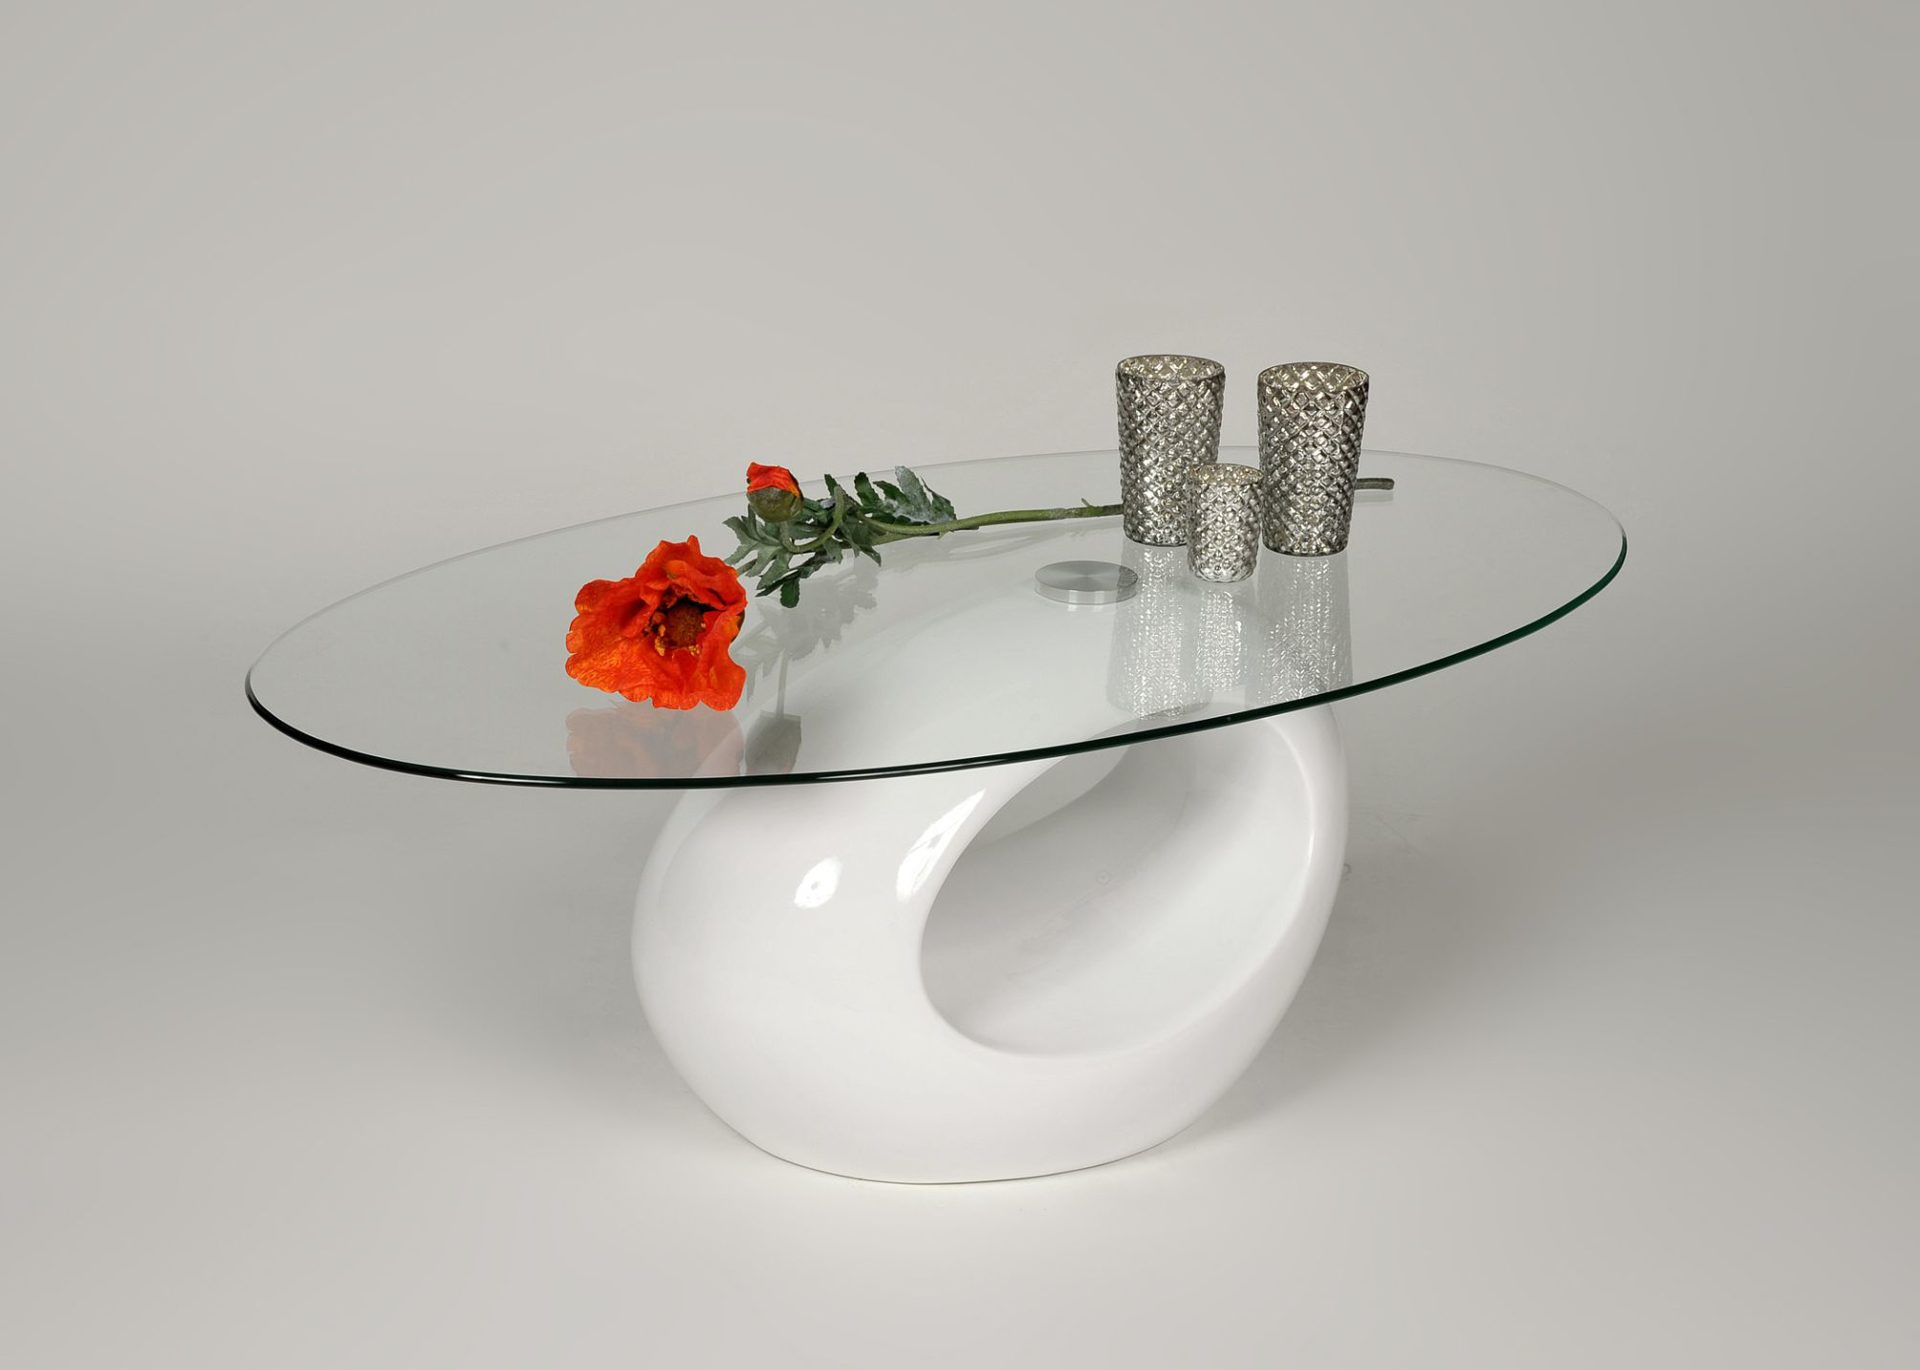 Couchtisch glas oval weiß  Wohnkauf Zeller Weilburg | Möbel A-Z | Tische | Couchtische ...